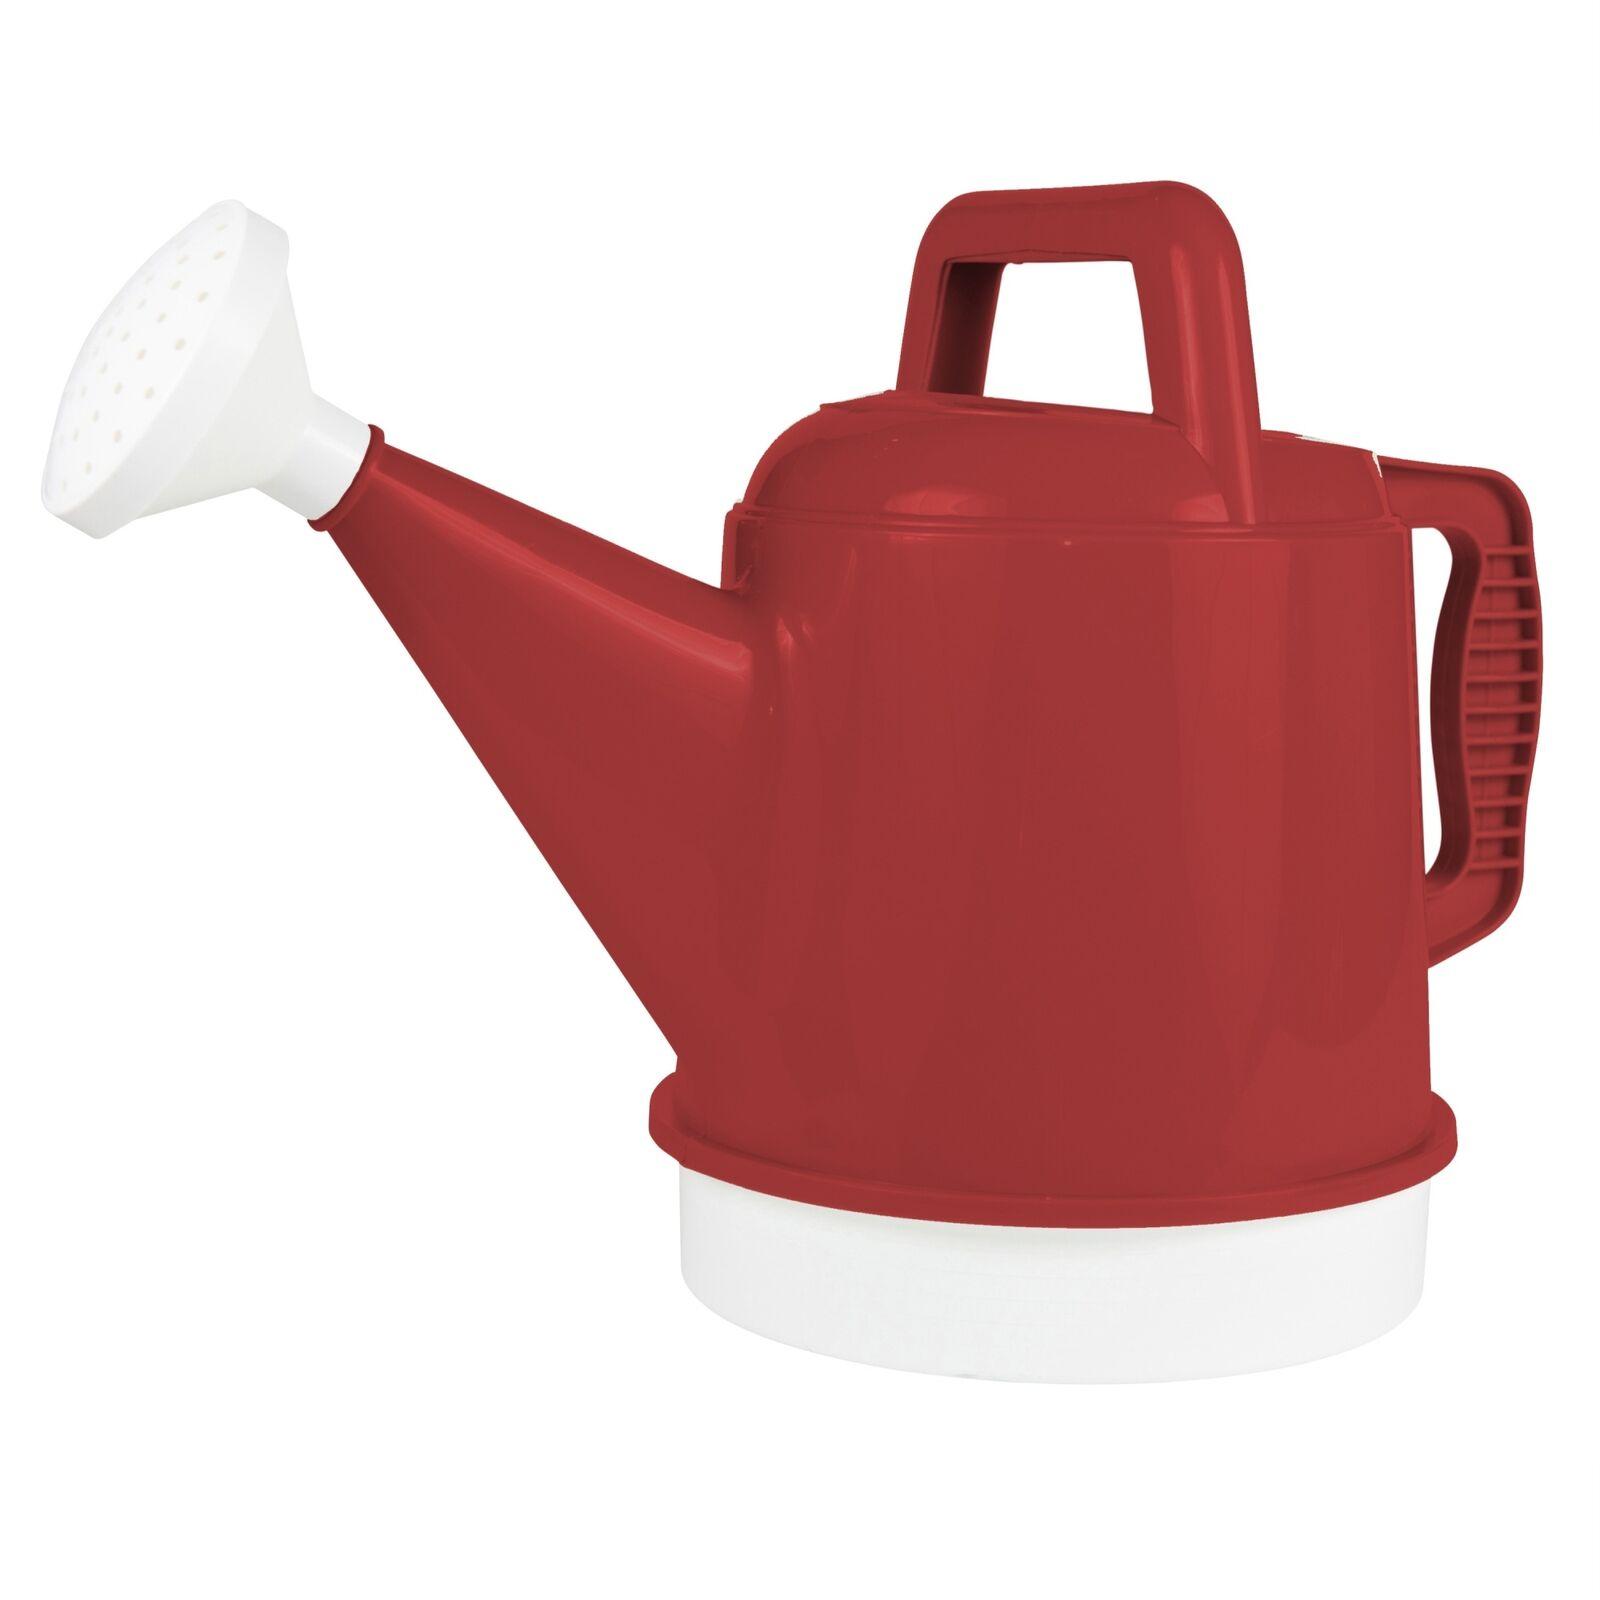 Bloem Watering Can Deluxe 2.5 Gallon Casper